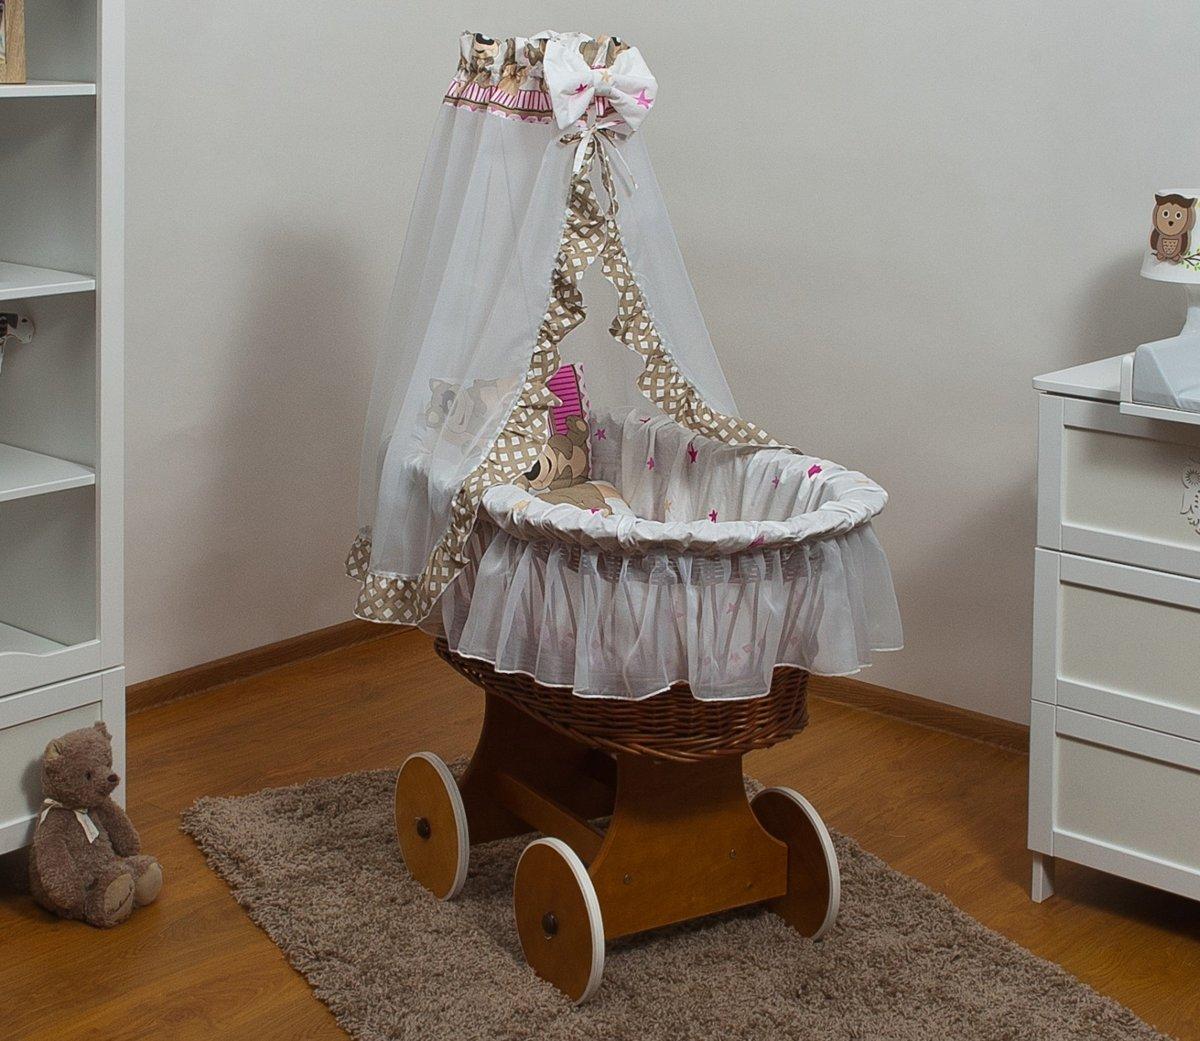 Rotan baby wiegje - Incl. beddengoedset, hemel met sluier, onderstel met wieltjes - 100% katoen - teddybeer beige kopen